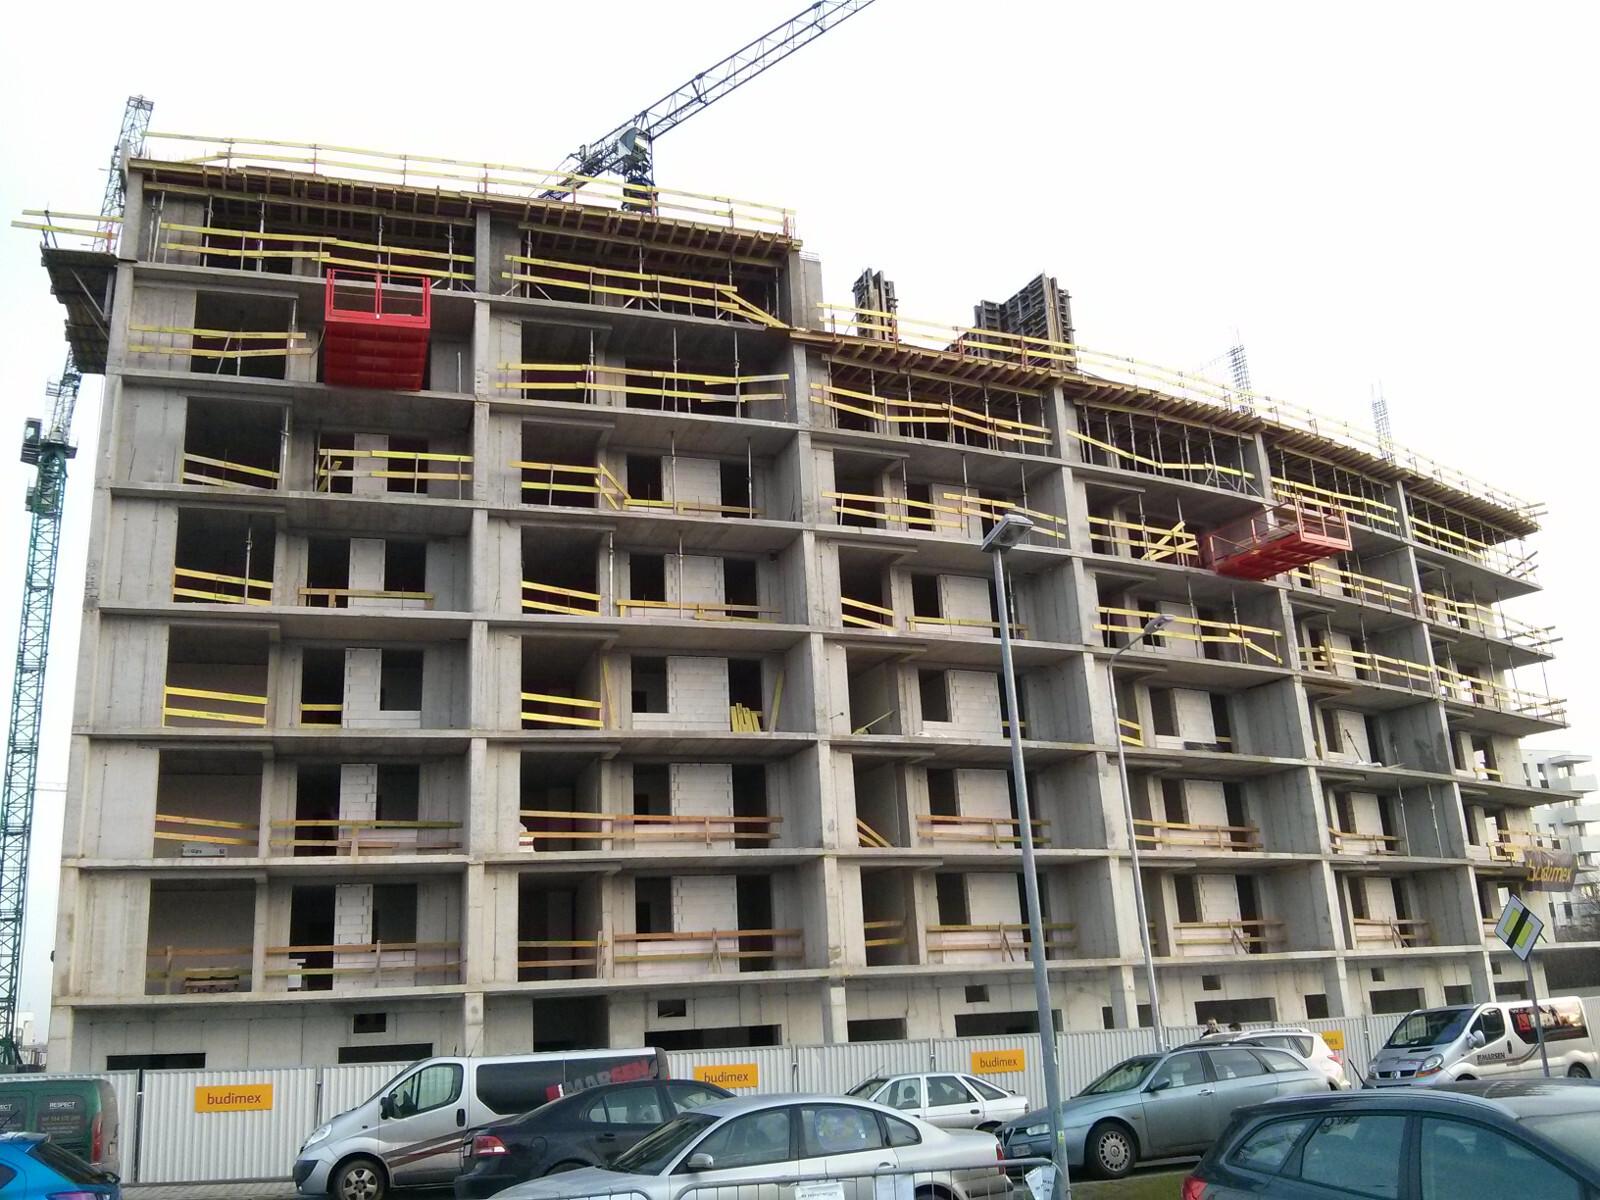 Zaawansowanie prac na placu budowy nowych tanich mieszkań w Krakowie na Orlińskiego 1